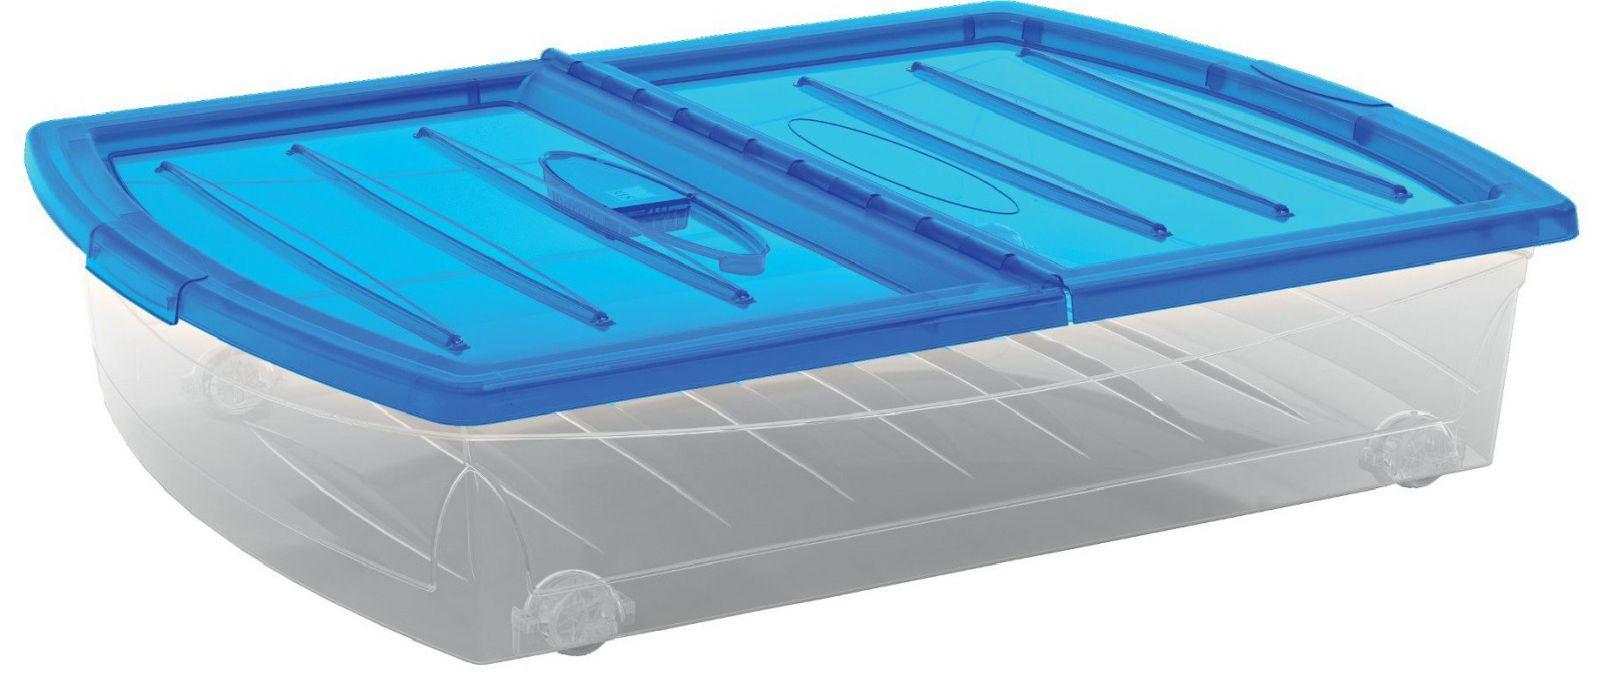 KIS Plastový úložný Spinning Box XL průhledný, Modré víko, 56 L